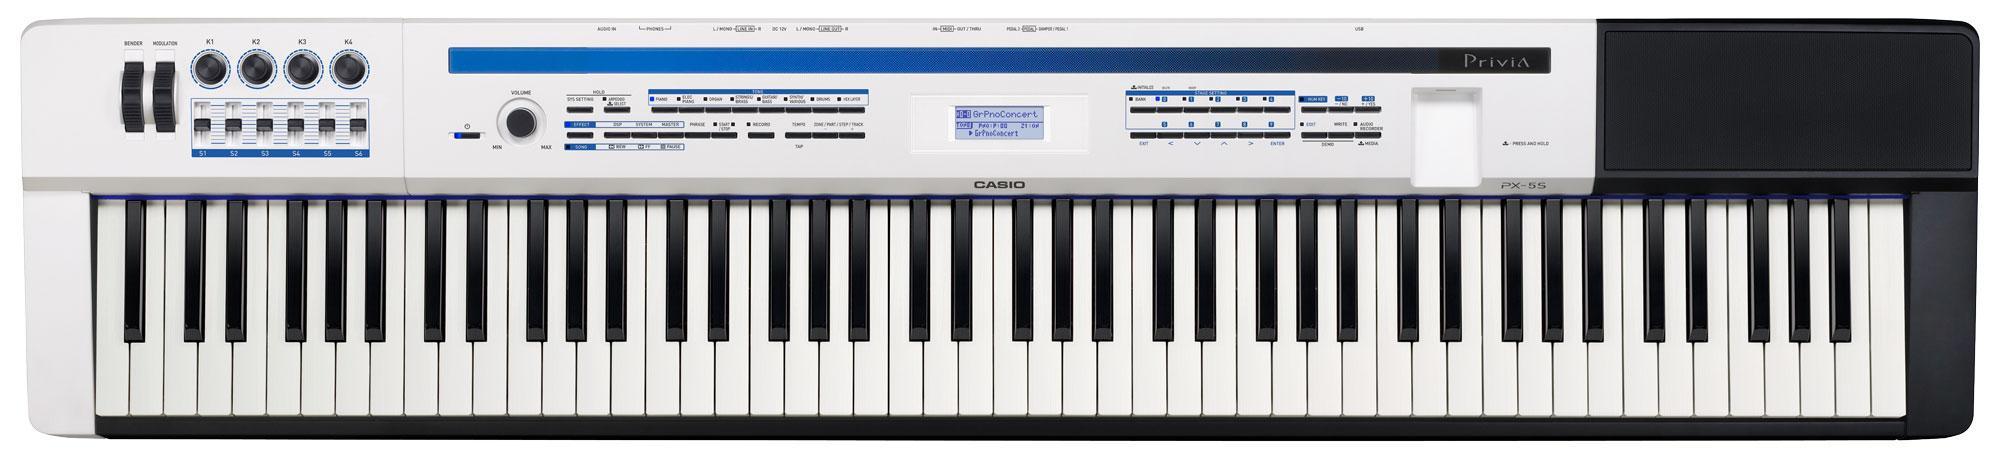 Stagepianos - Casio PX 5S Stagepiano Privia Pro - Onlineshop Musikhaus Kirstein